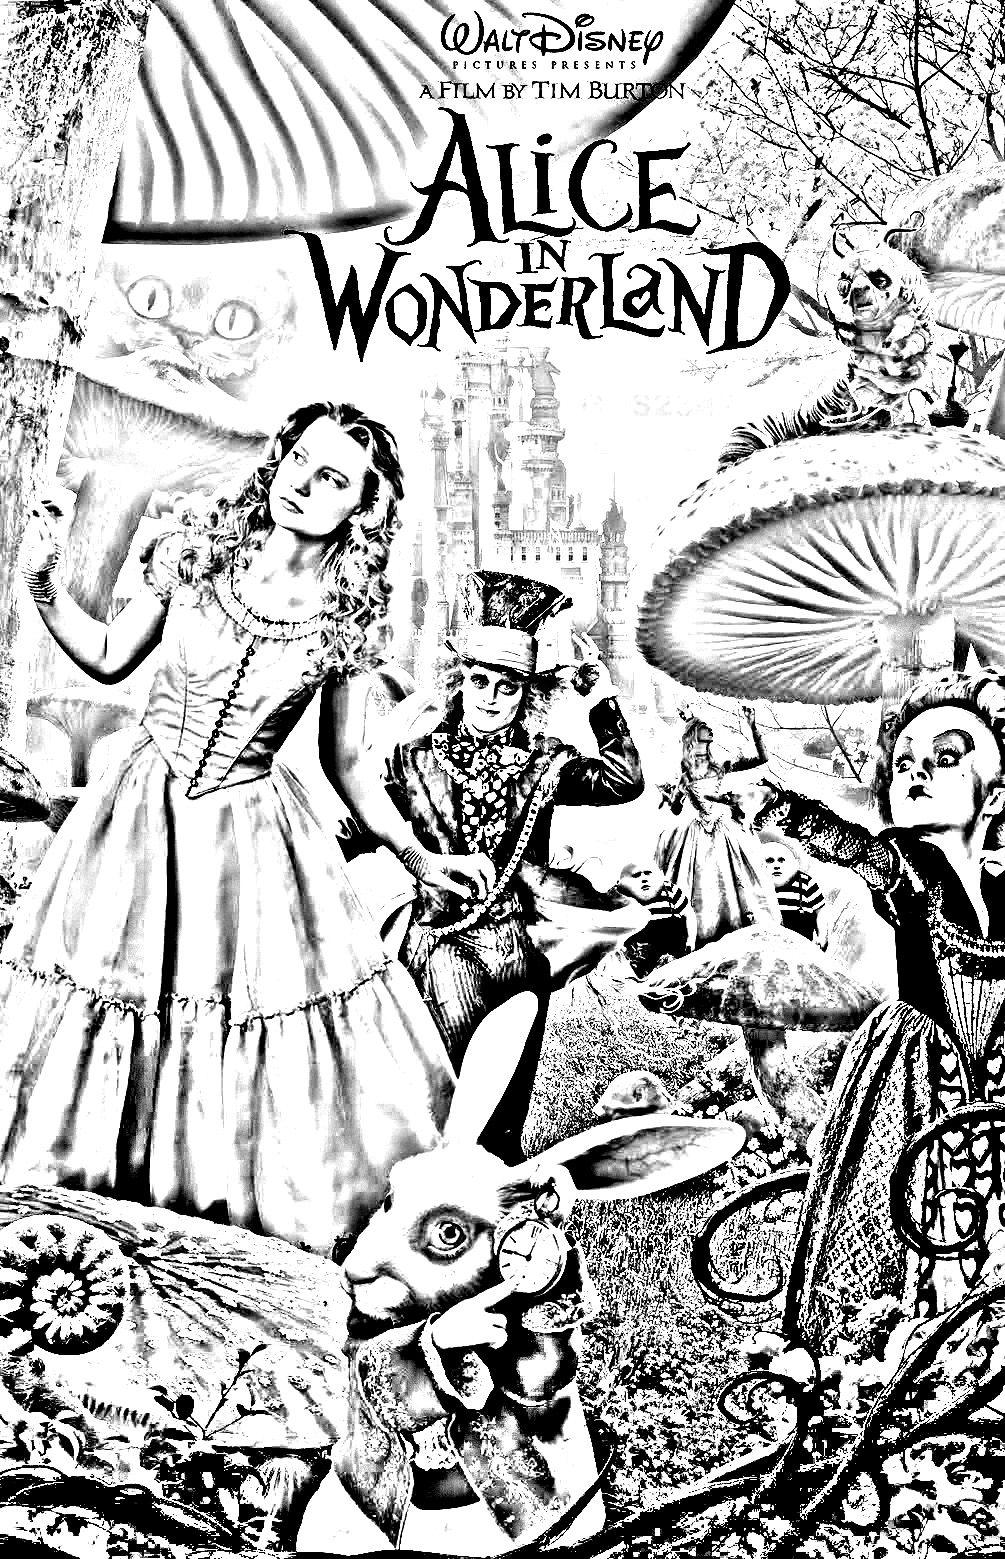 Coloriage affiche Alice au pays des merveilles Tim Burton (Disney